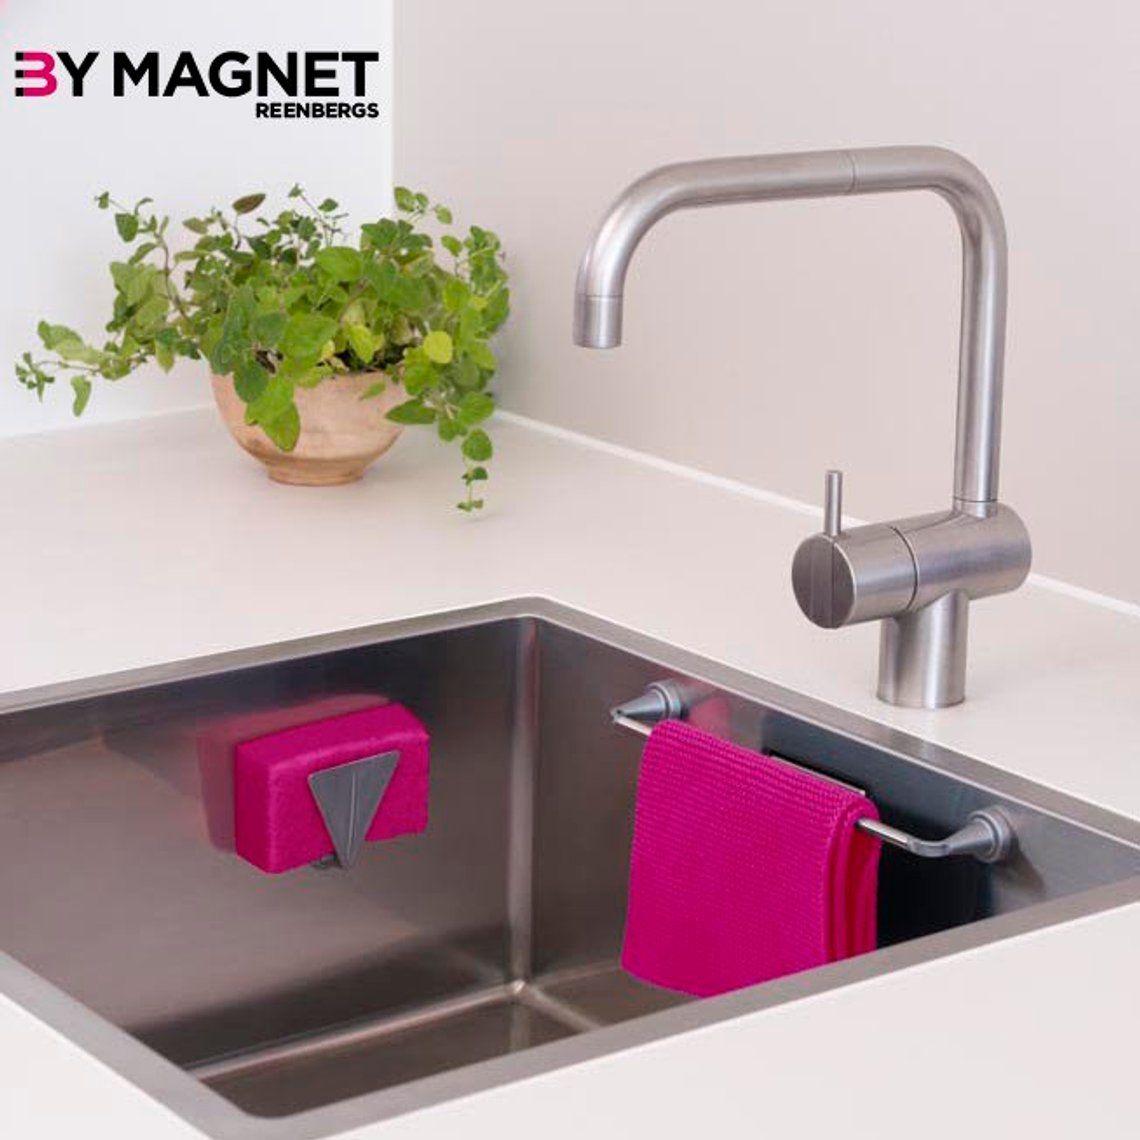 Magnetic Dishcloth Holder Etsy Sponge Holder Kitchen Sink Caddy Sink